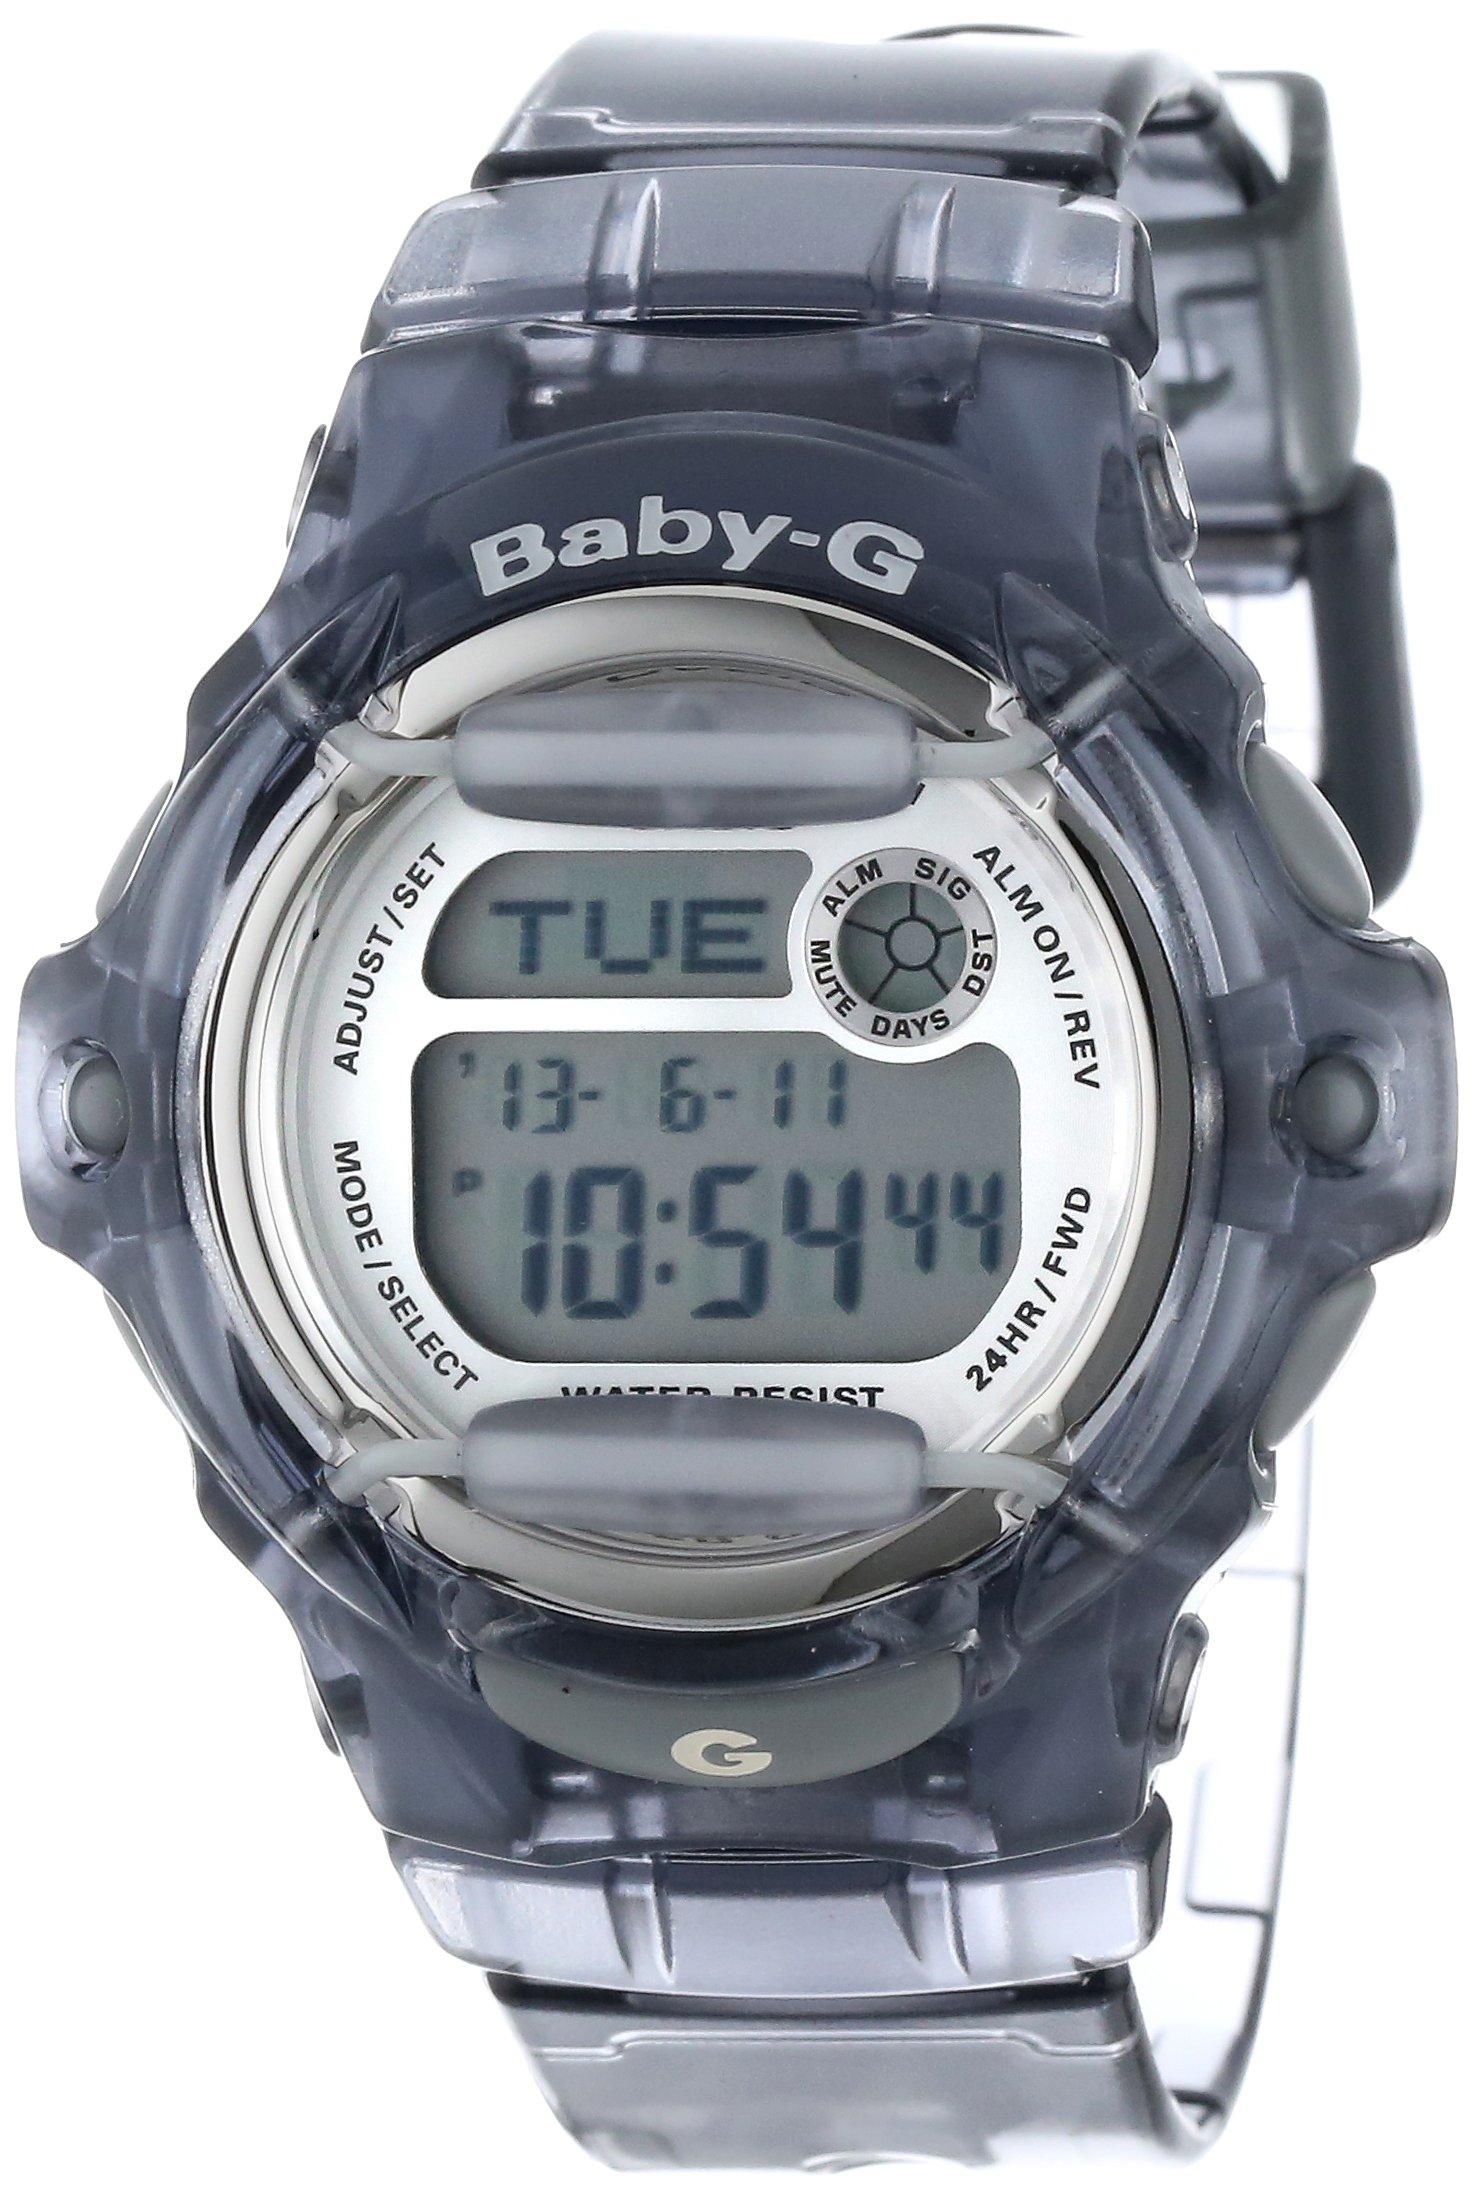 Casio Women's BG169R-8 ''Baby-G'' Gray Resin Sport Watch